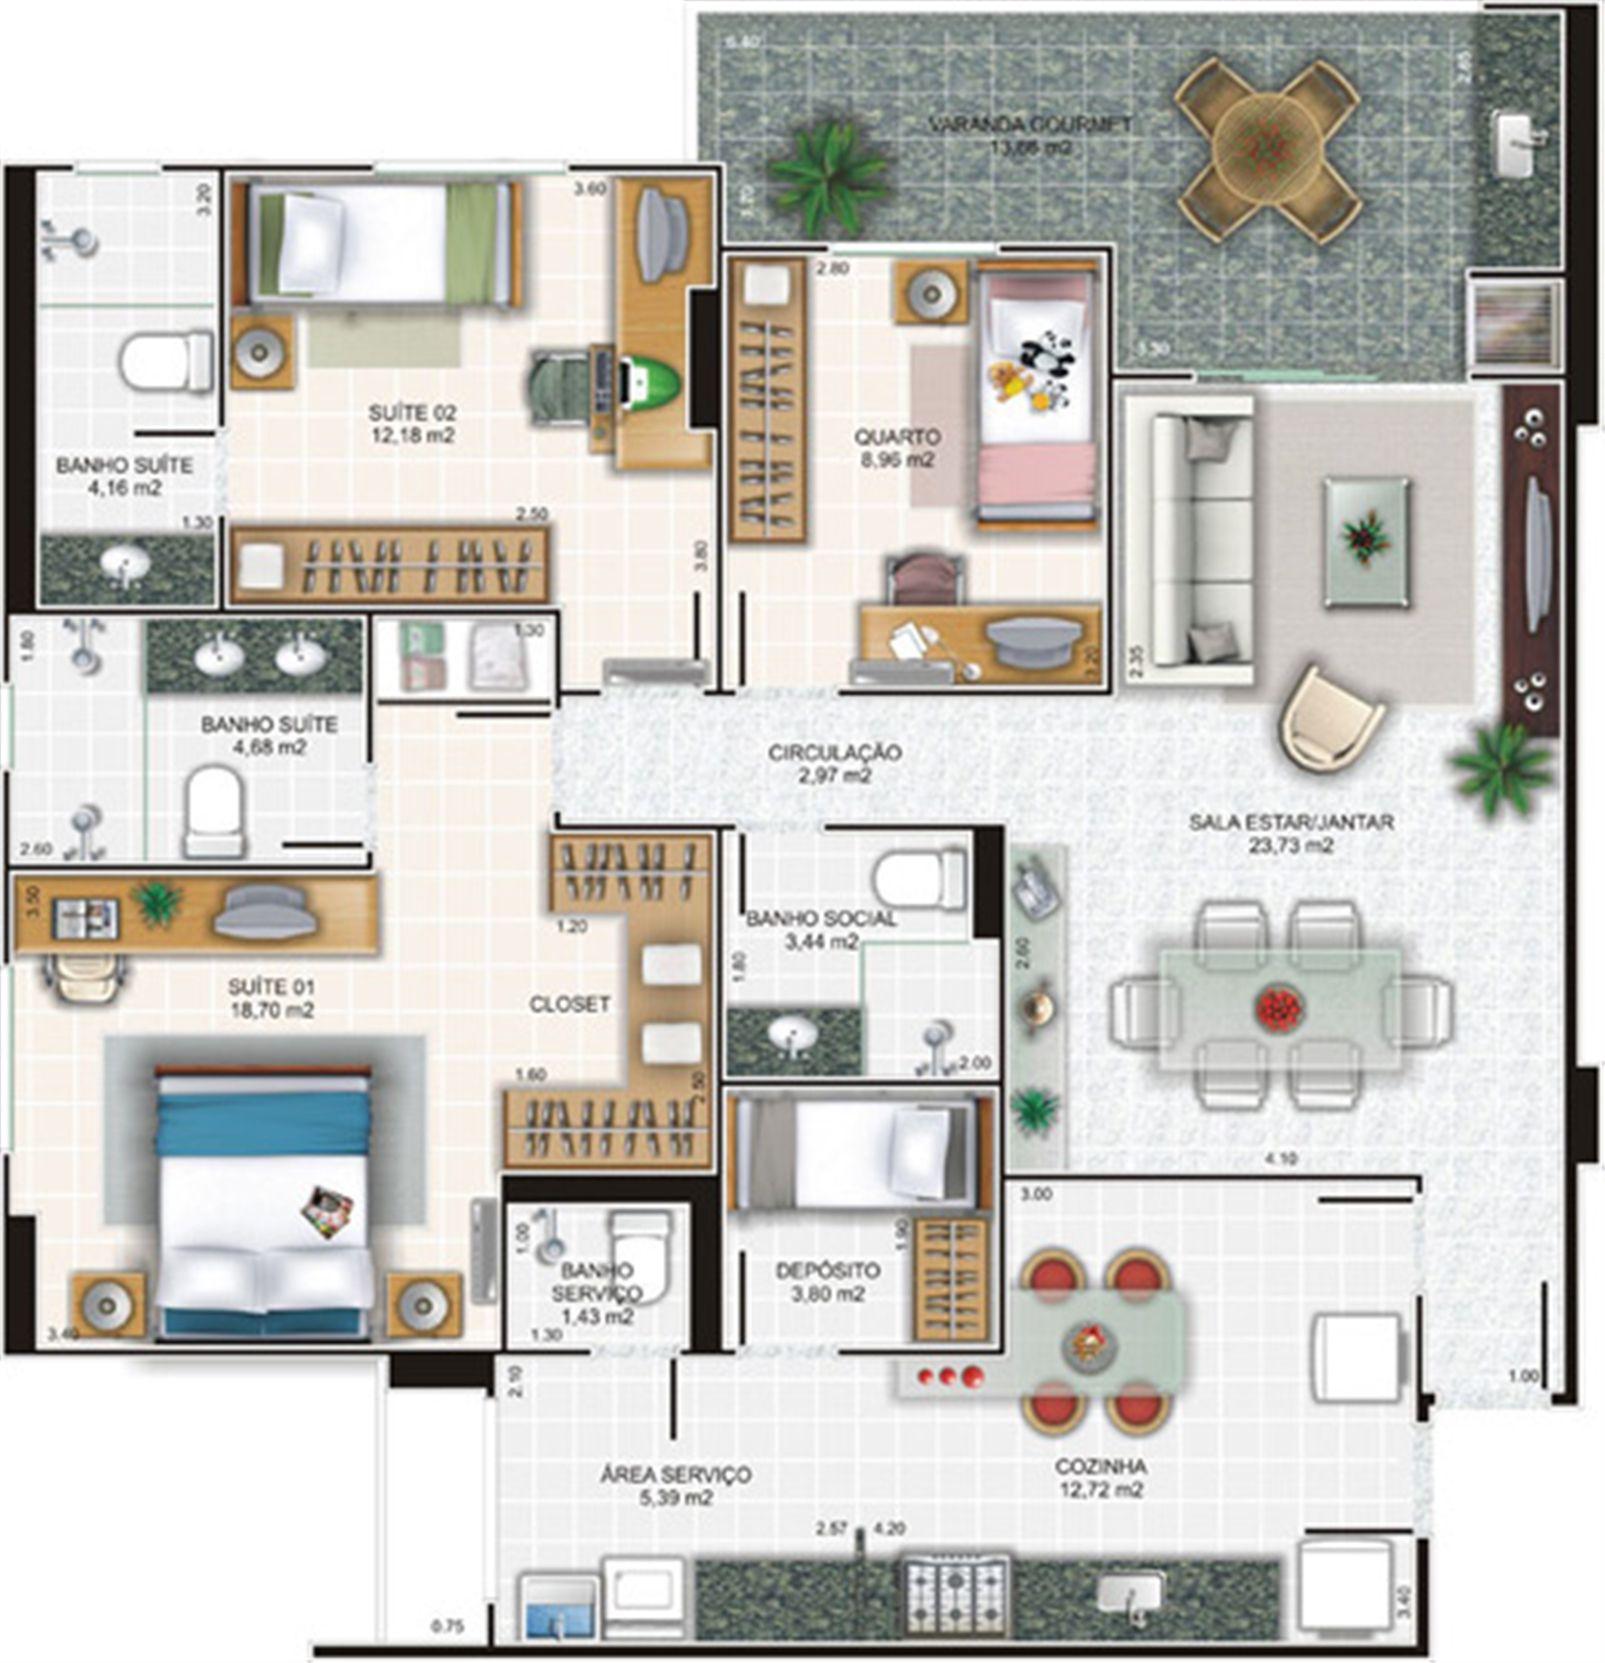 Planta cobertura 3 | Edifício Caiobás – Apartamentoem  Laranjeiras - Serra - Espírito Santo